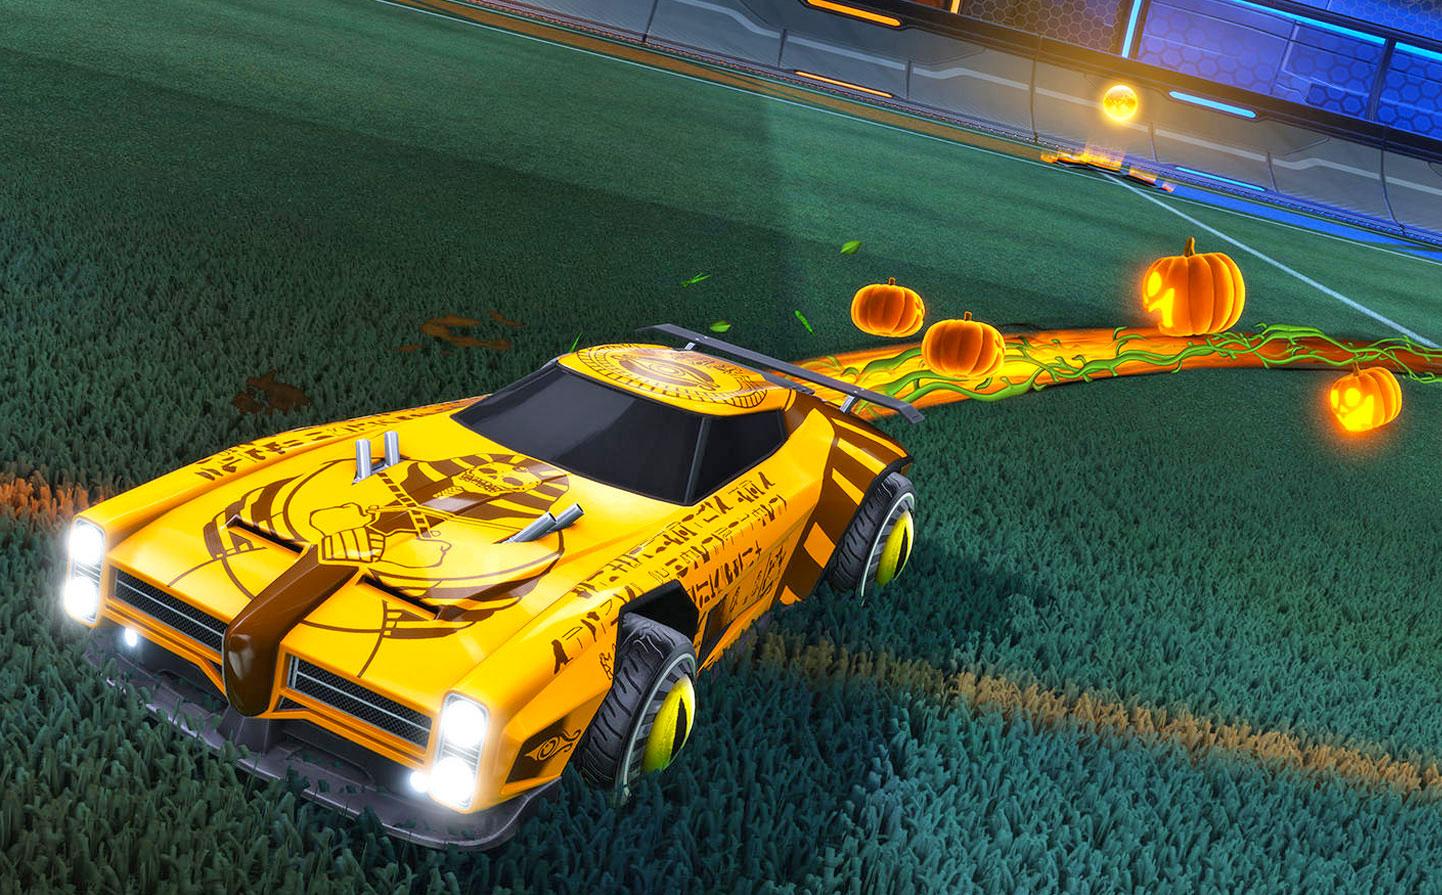 First 'Rocket League' Halloween event kicks off October 16th